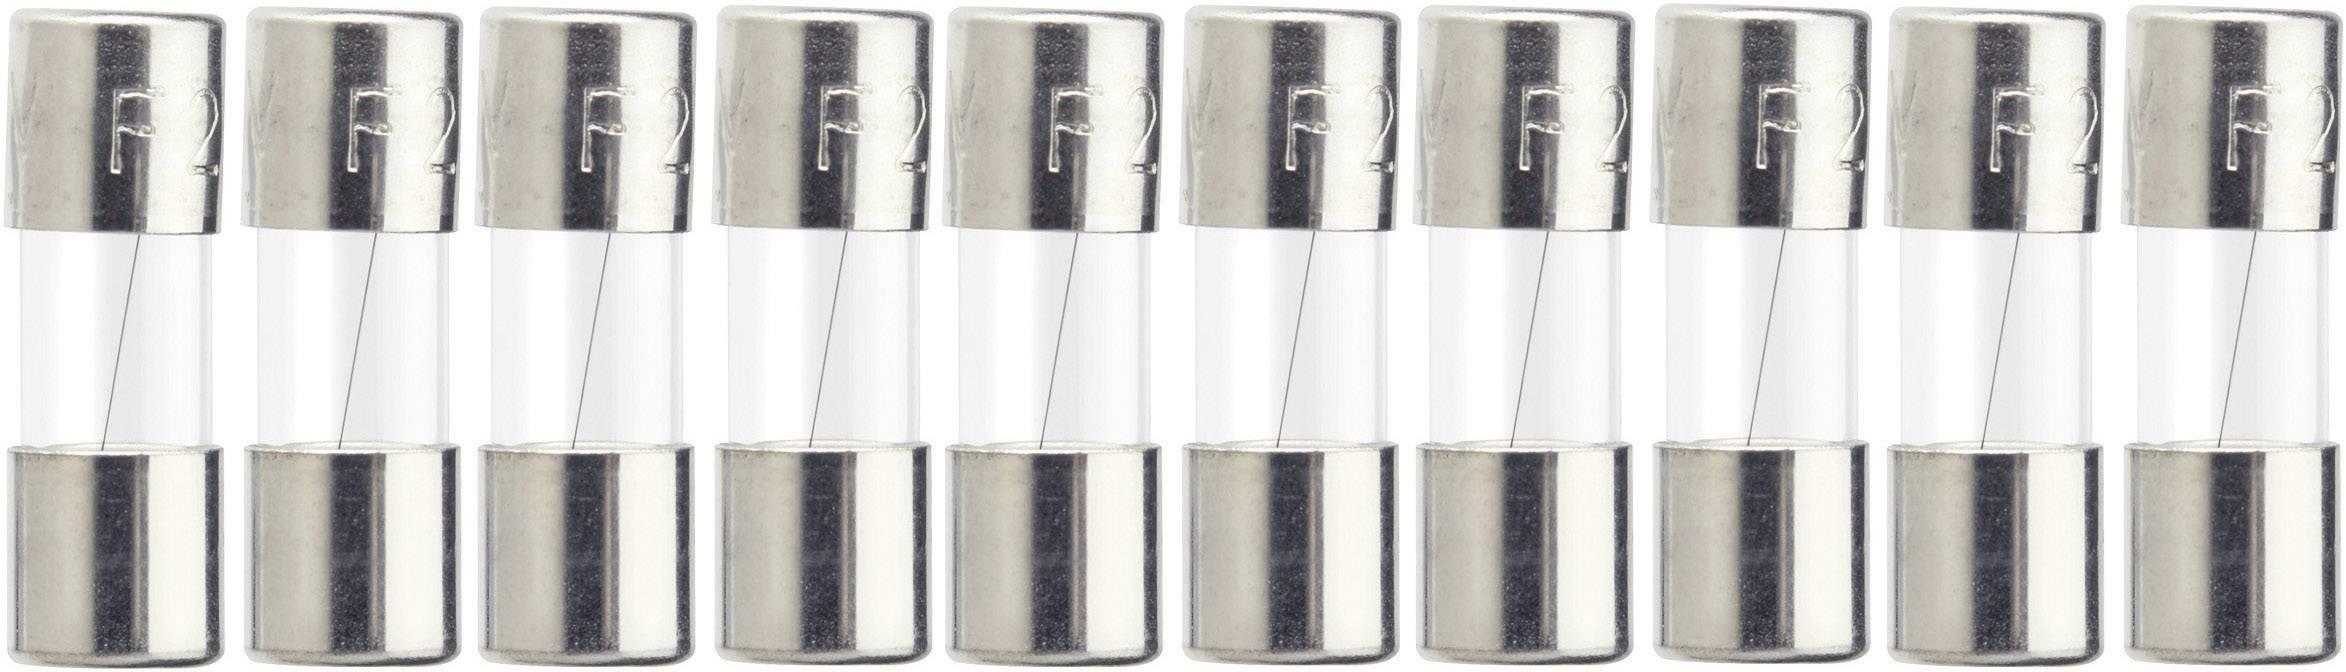 Jemná poistka ESKA 515624, 5 A, 125 V, (Ø x d) 5 mm x 15 mm, rýchly -F-, 10 ks